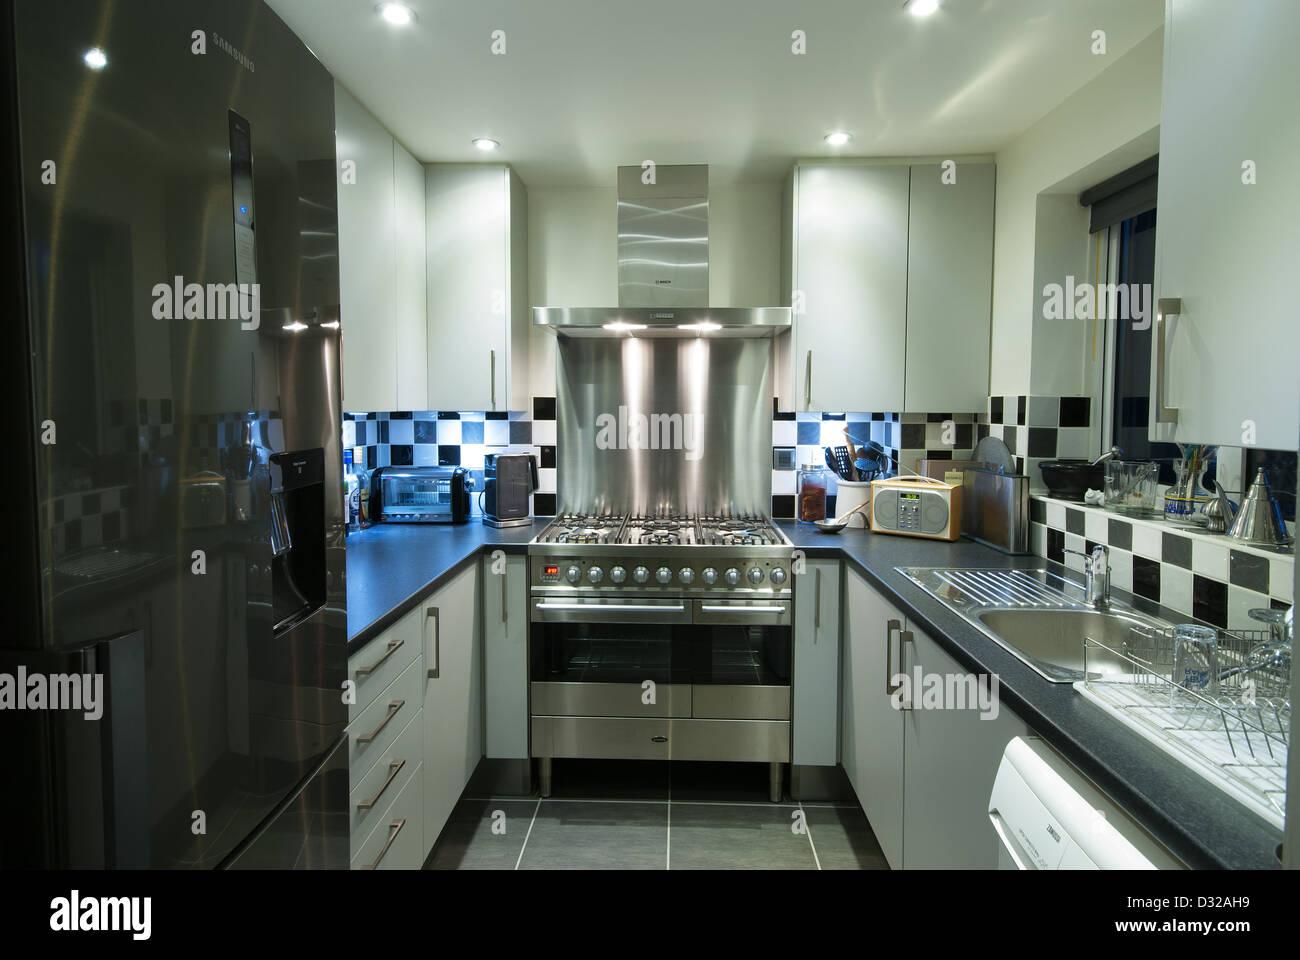 Une petite cuisine avec un intérieur moderne en acier inoxydable cuisinières. UK, 2013. Photo Stock